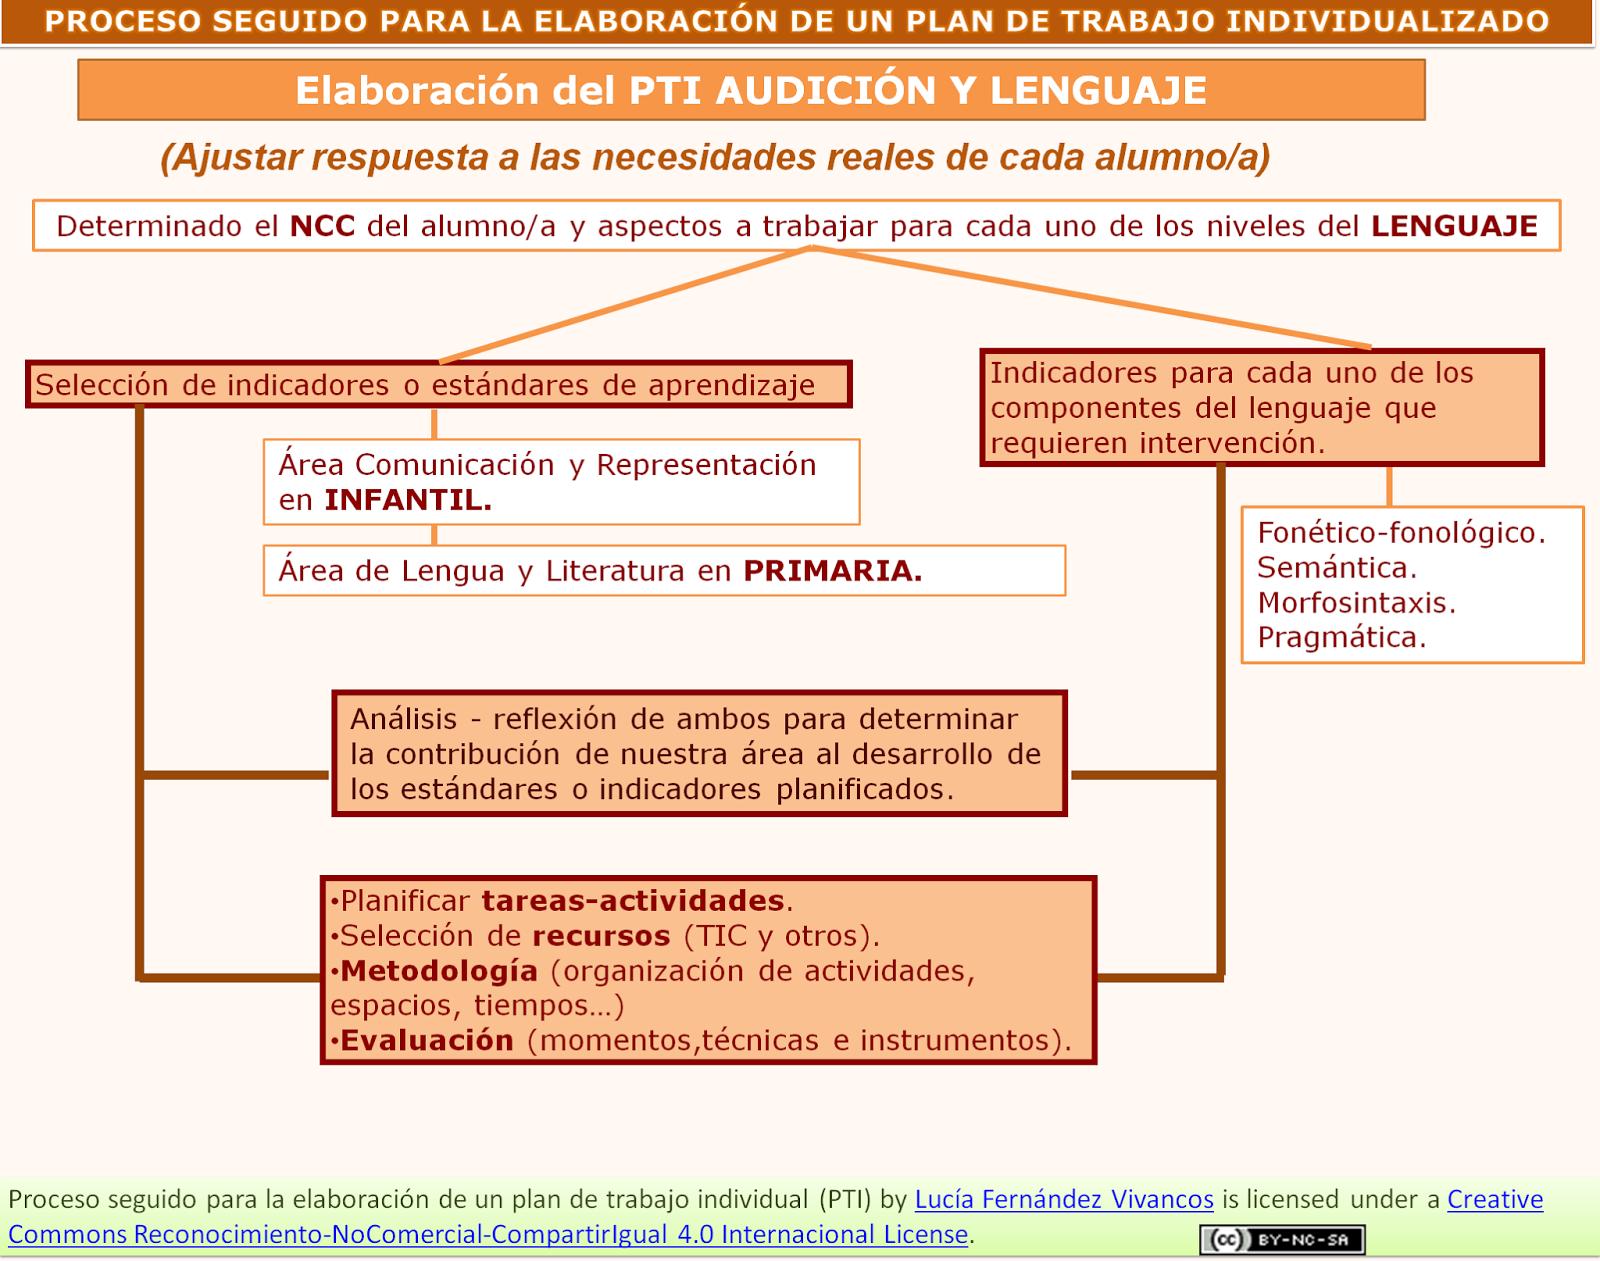 AUDICIÓN Y LENGUAJE: Ejemplo de Plan de Trabajo Individualizado y ...